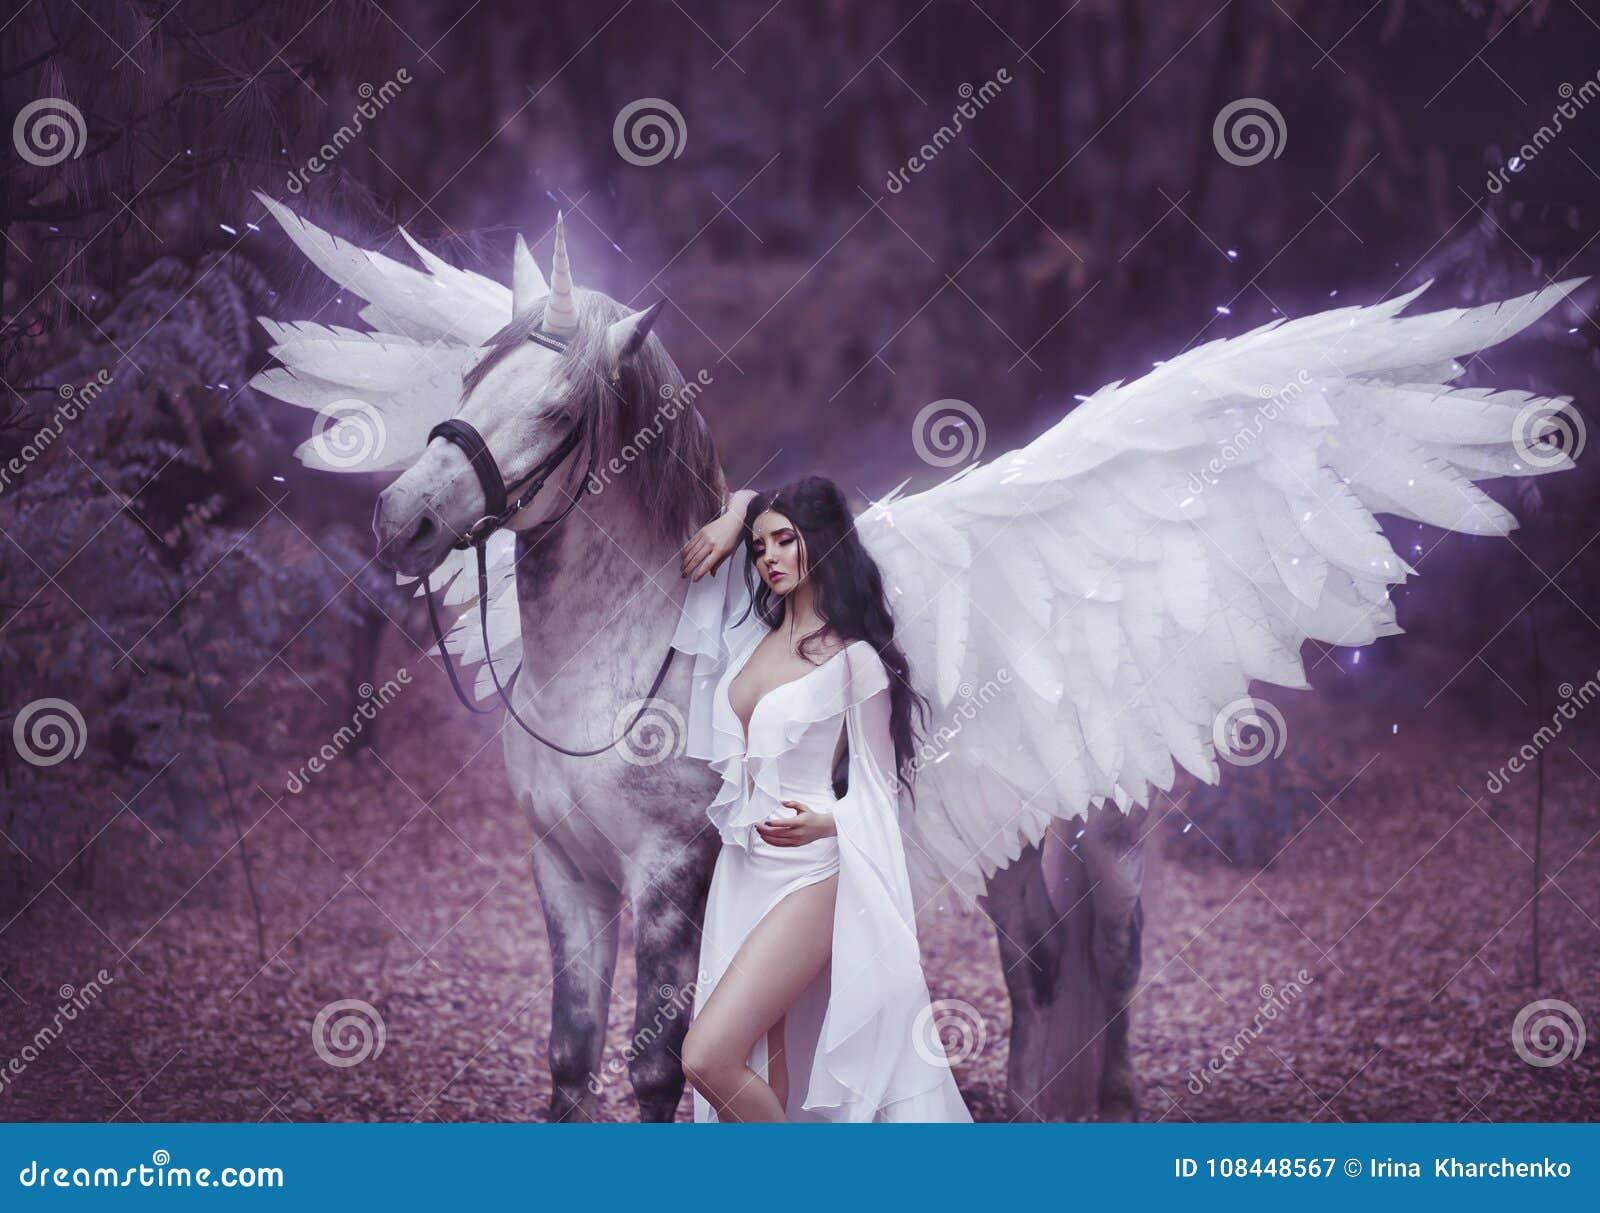 Bello, giovane elfo, camminante con un unicorno Sta indossando una luce incredibile, vestito bianco Hotography di arte